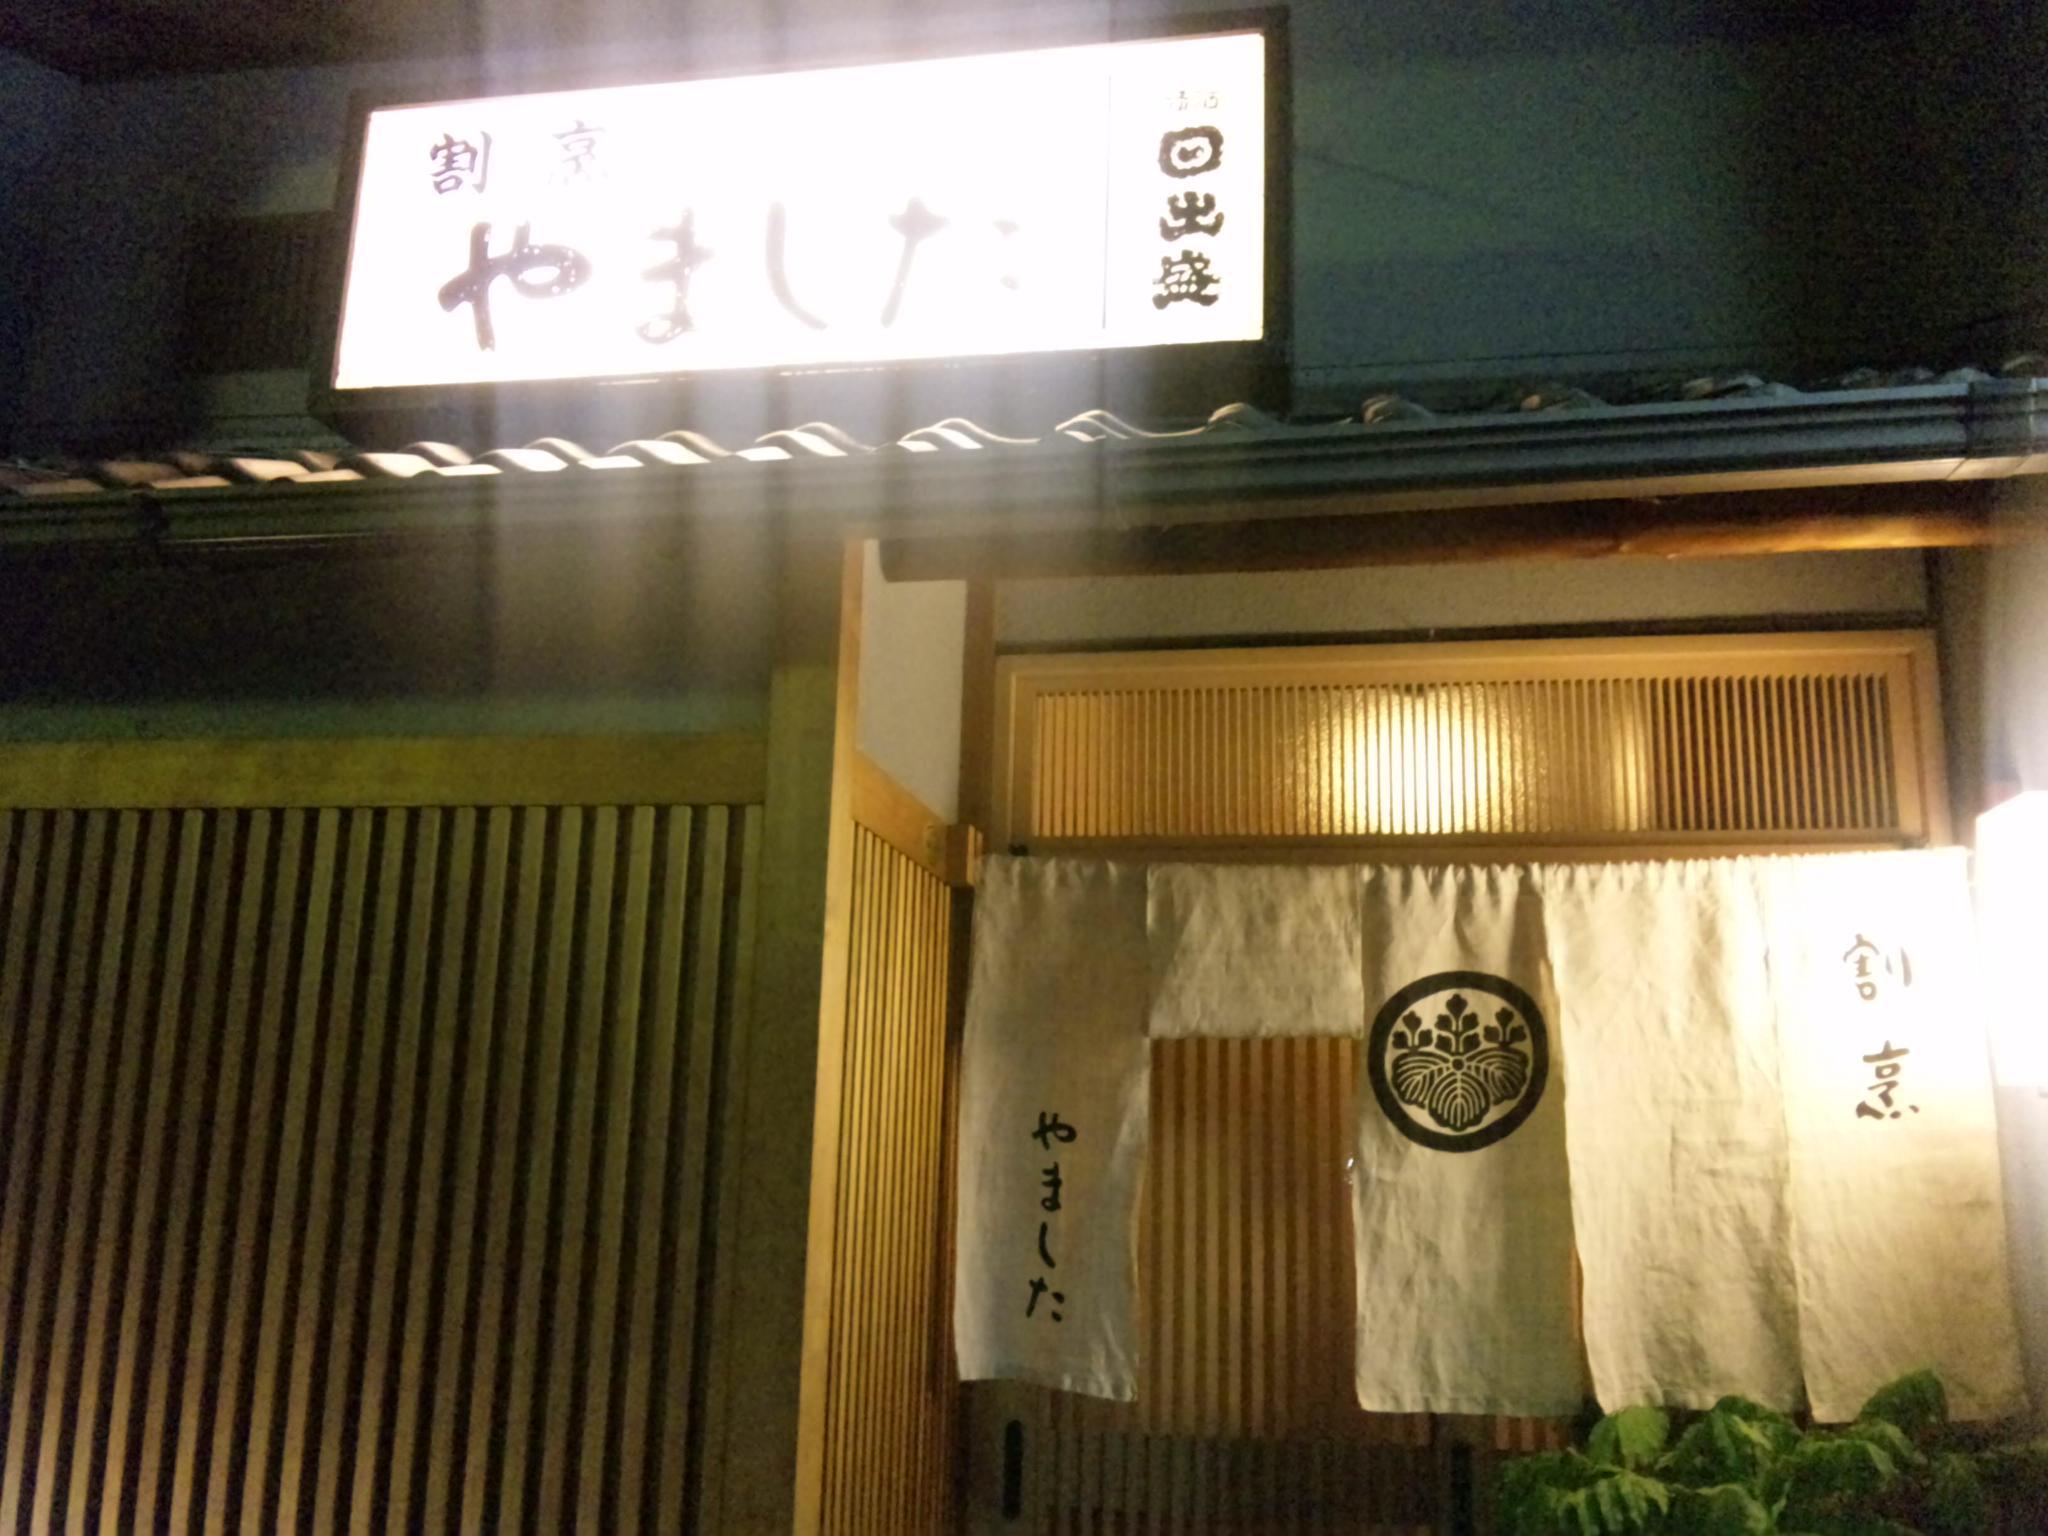 素材の力を越える京都の底力「割烹やました」